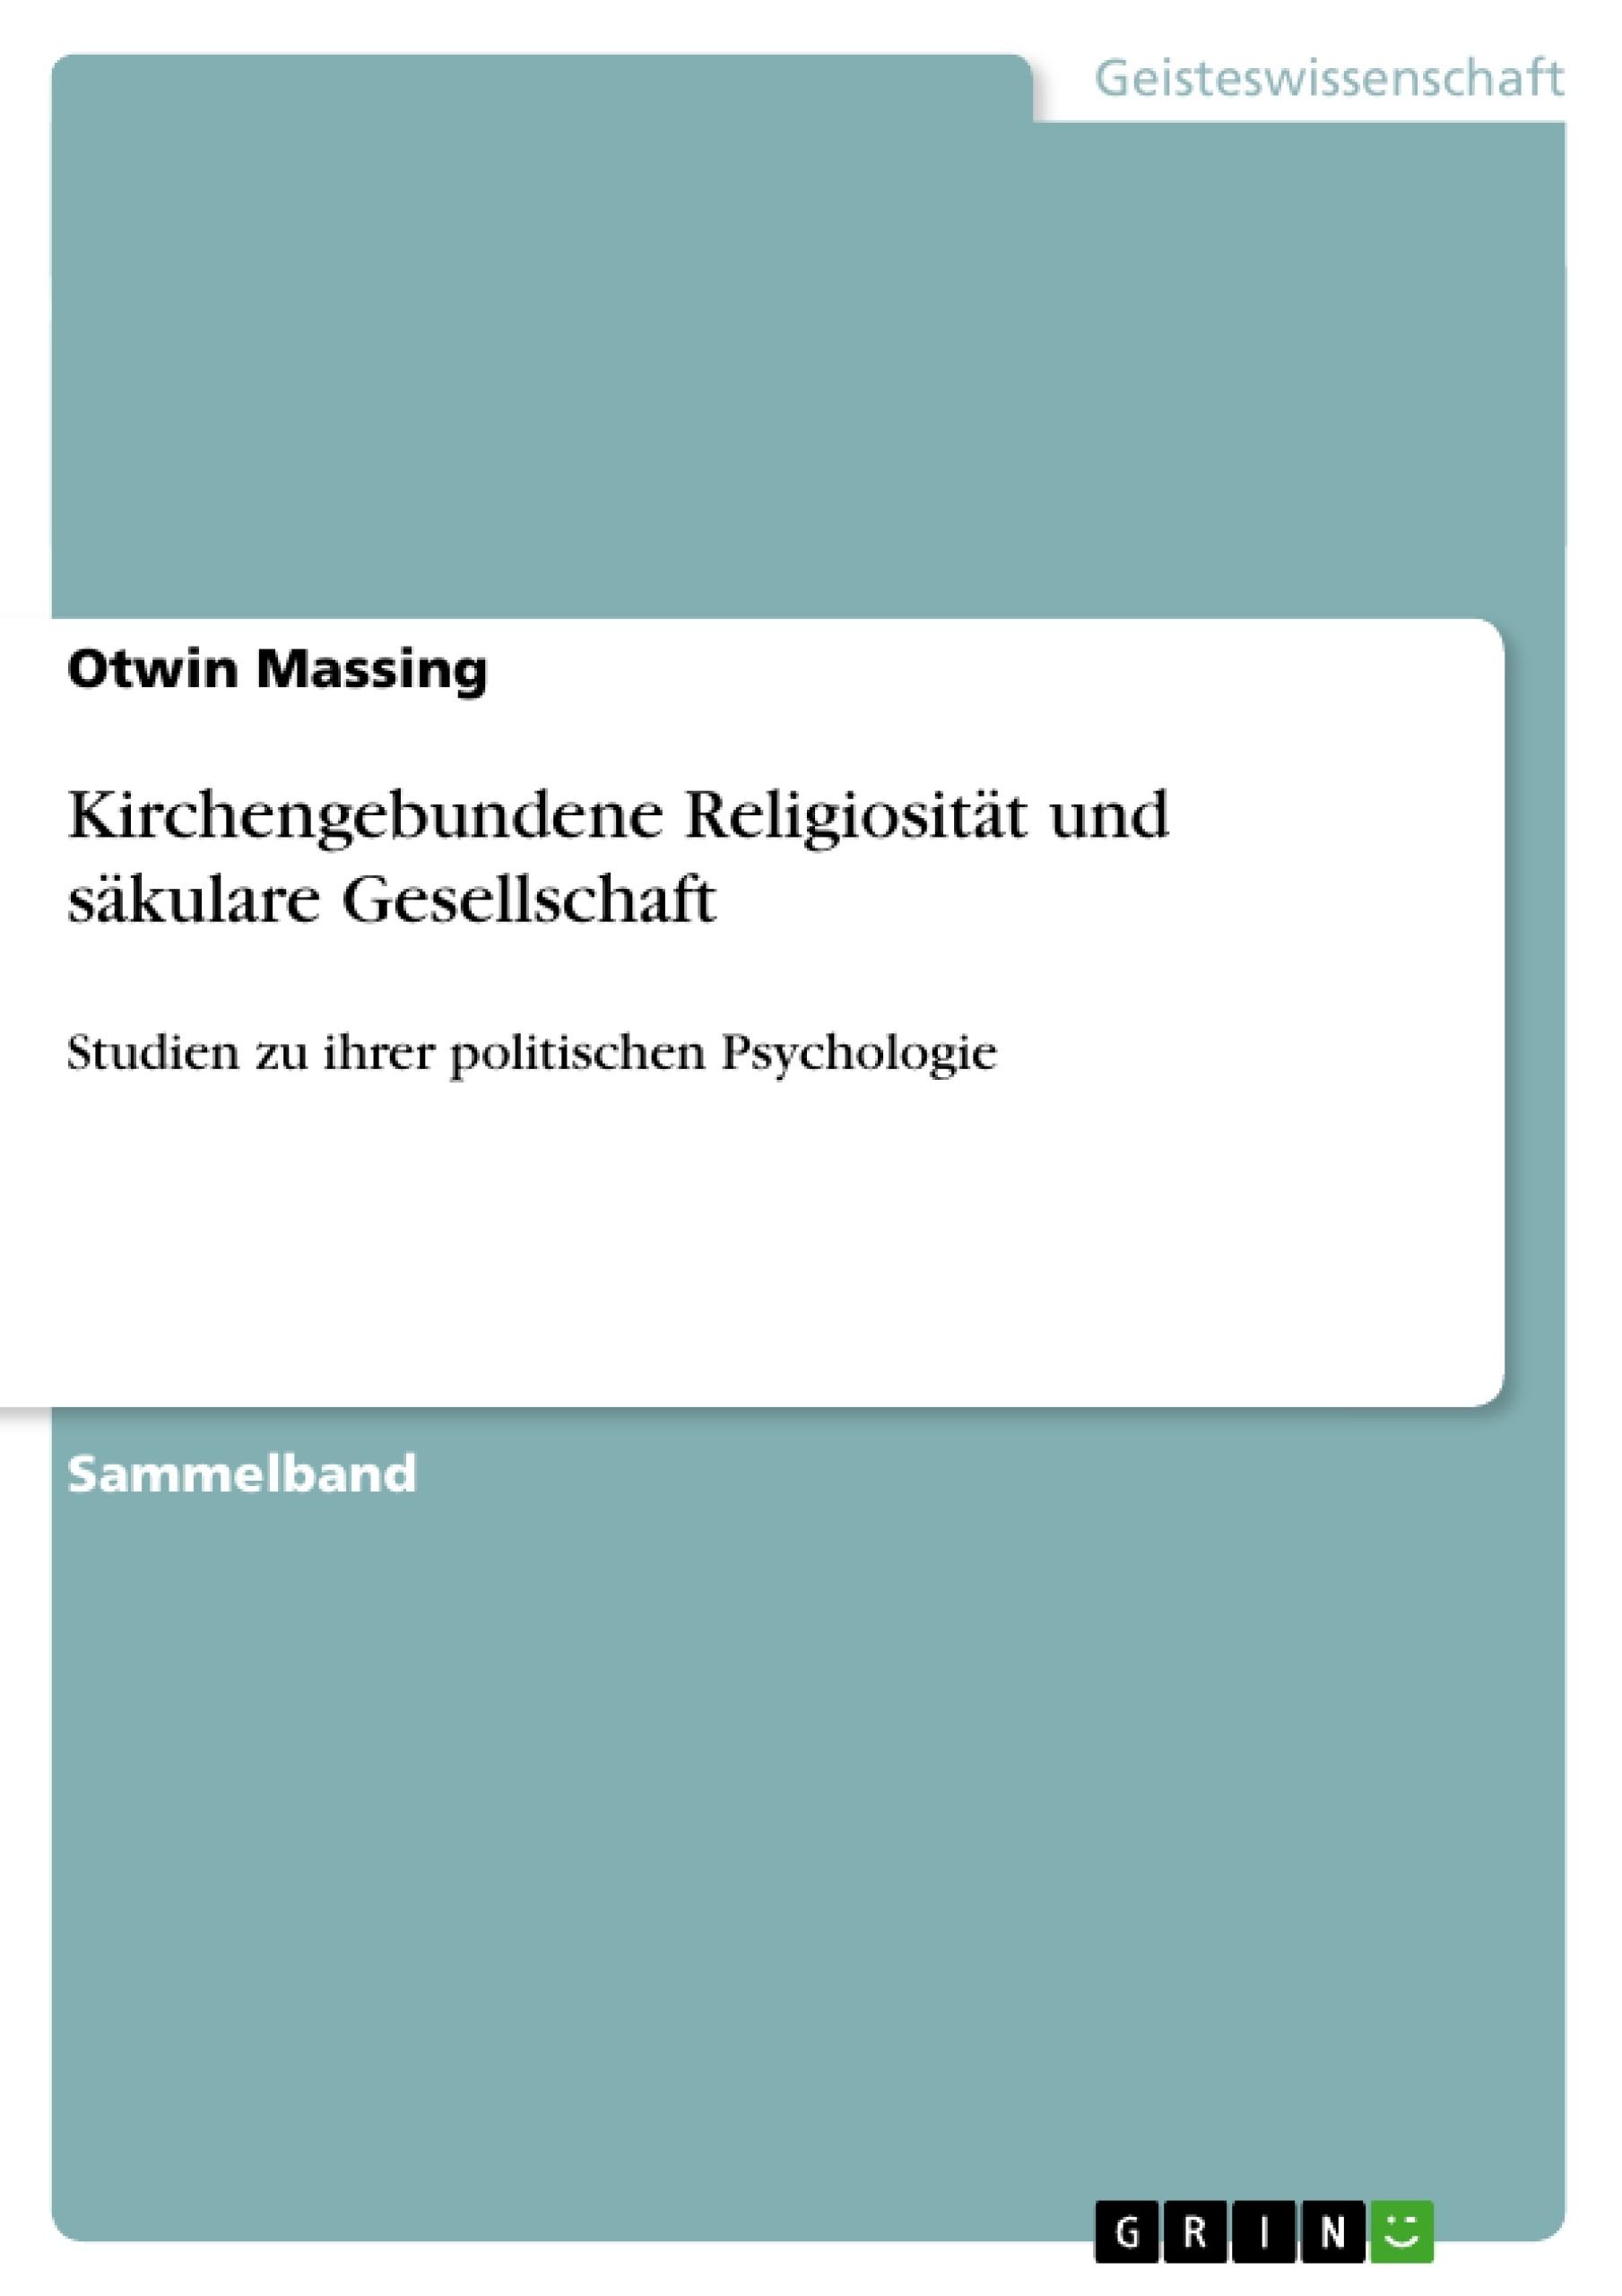 Titel: Kirchengebundene Religiosität und säkulare Gesellschaft